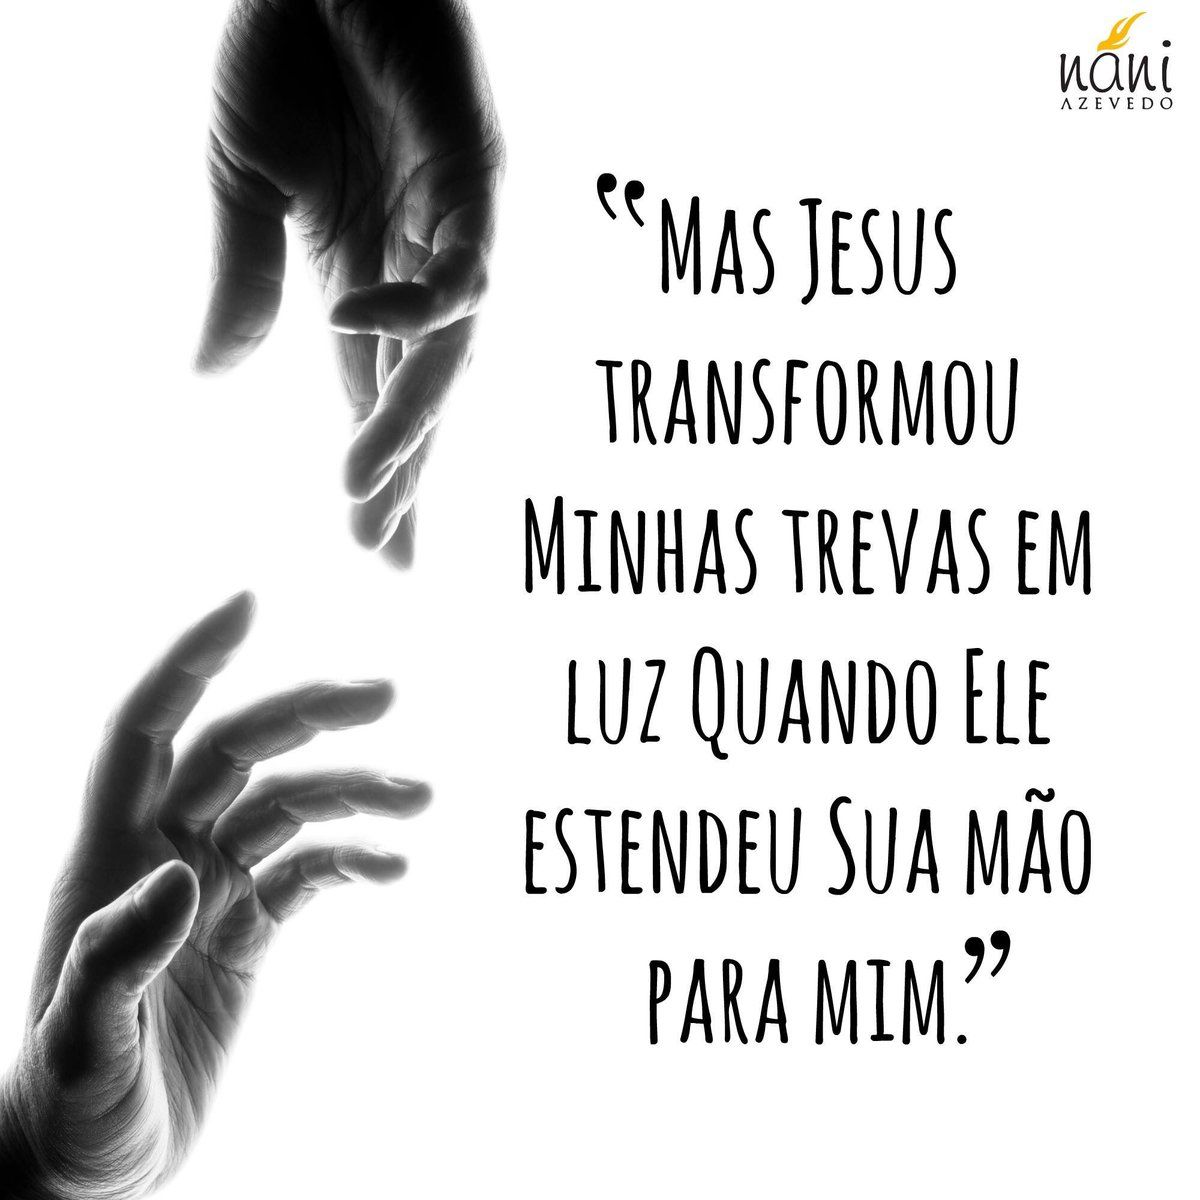 Mas Jesus transformou minhas trevas em luz quando ele estendeu sua mao para mim!